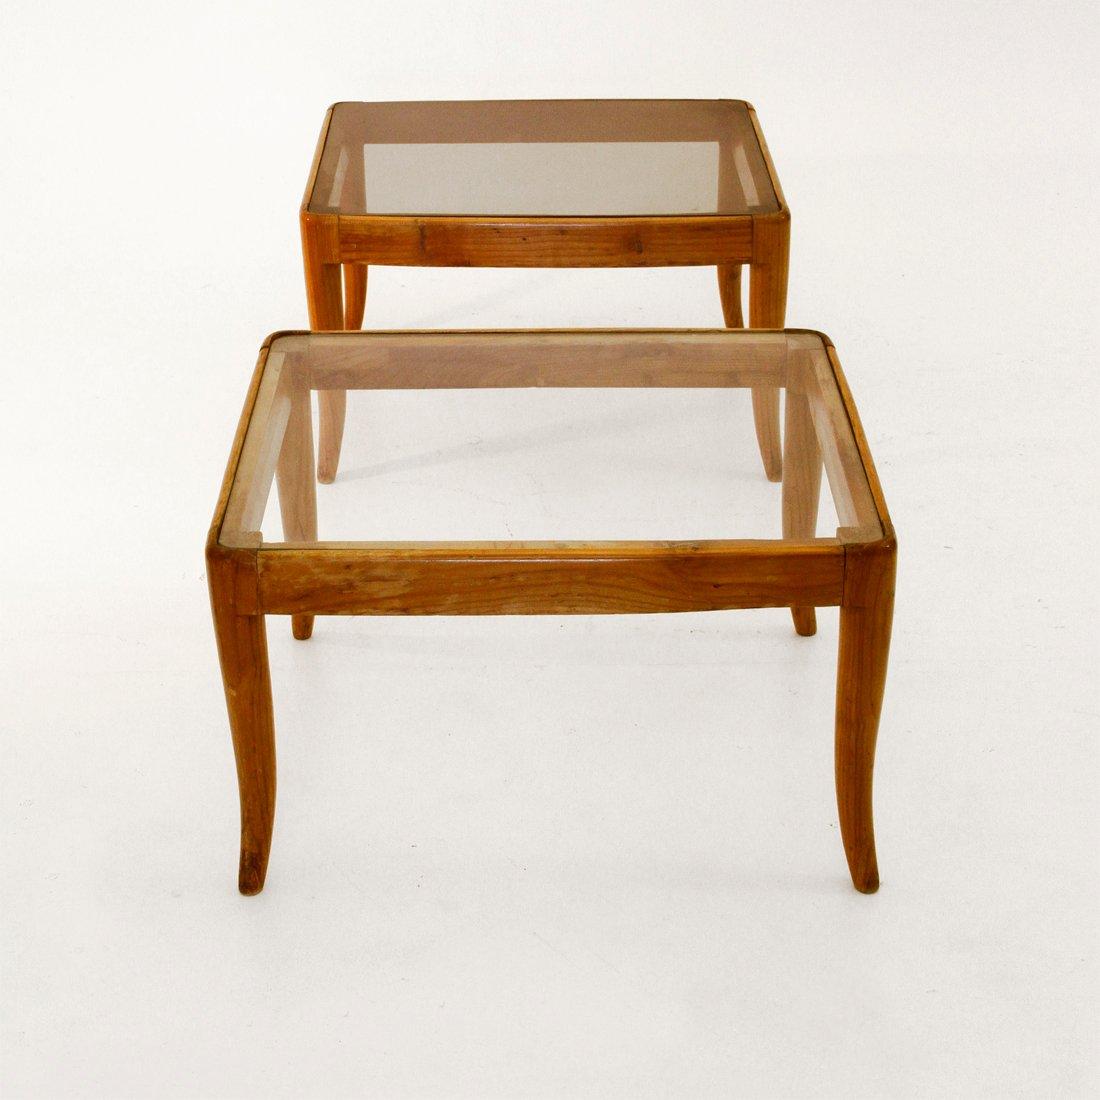 italienische beistelltische aus glas holz 1950er 2er set bei pamono kaufen. Black Bedroom Furniture Sets. Home Design Ideas